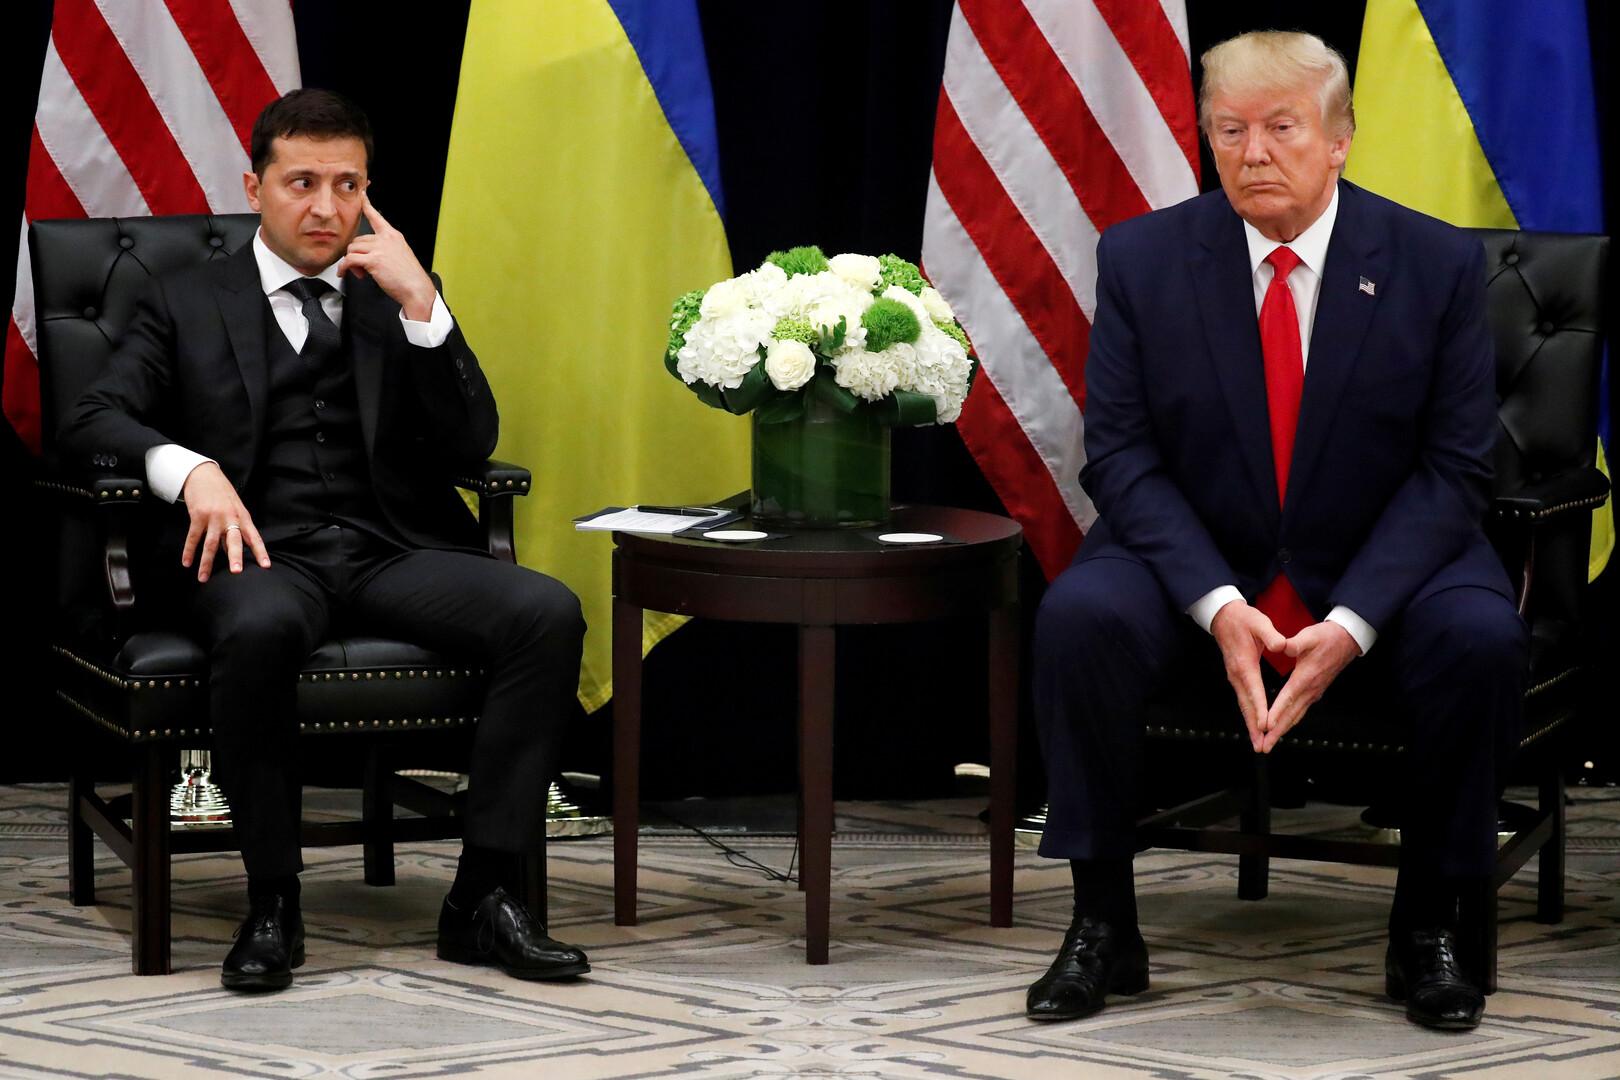 ترامب بالخطأ يسمي زيلينسكي